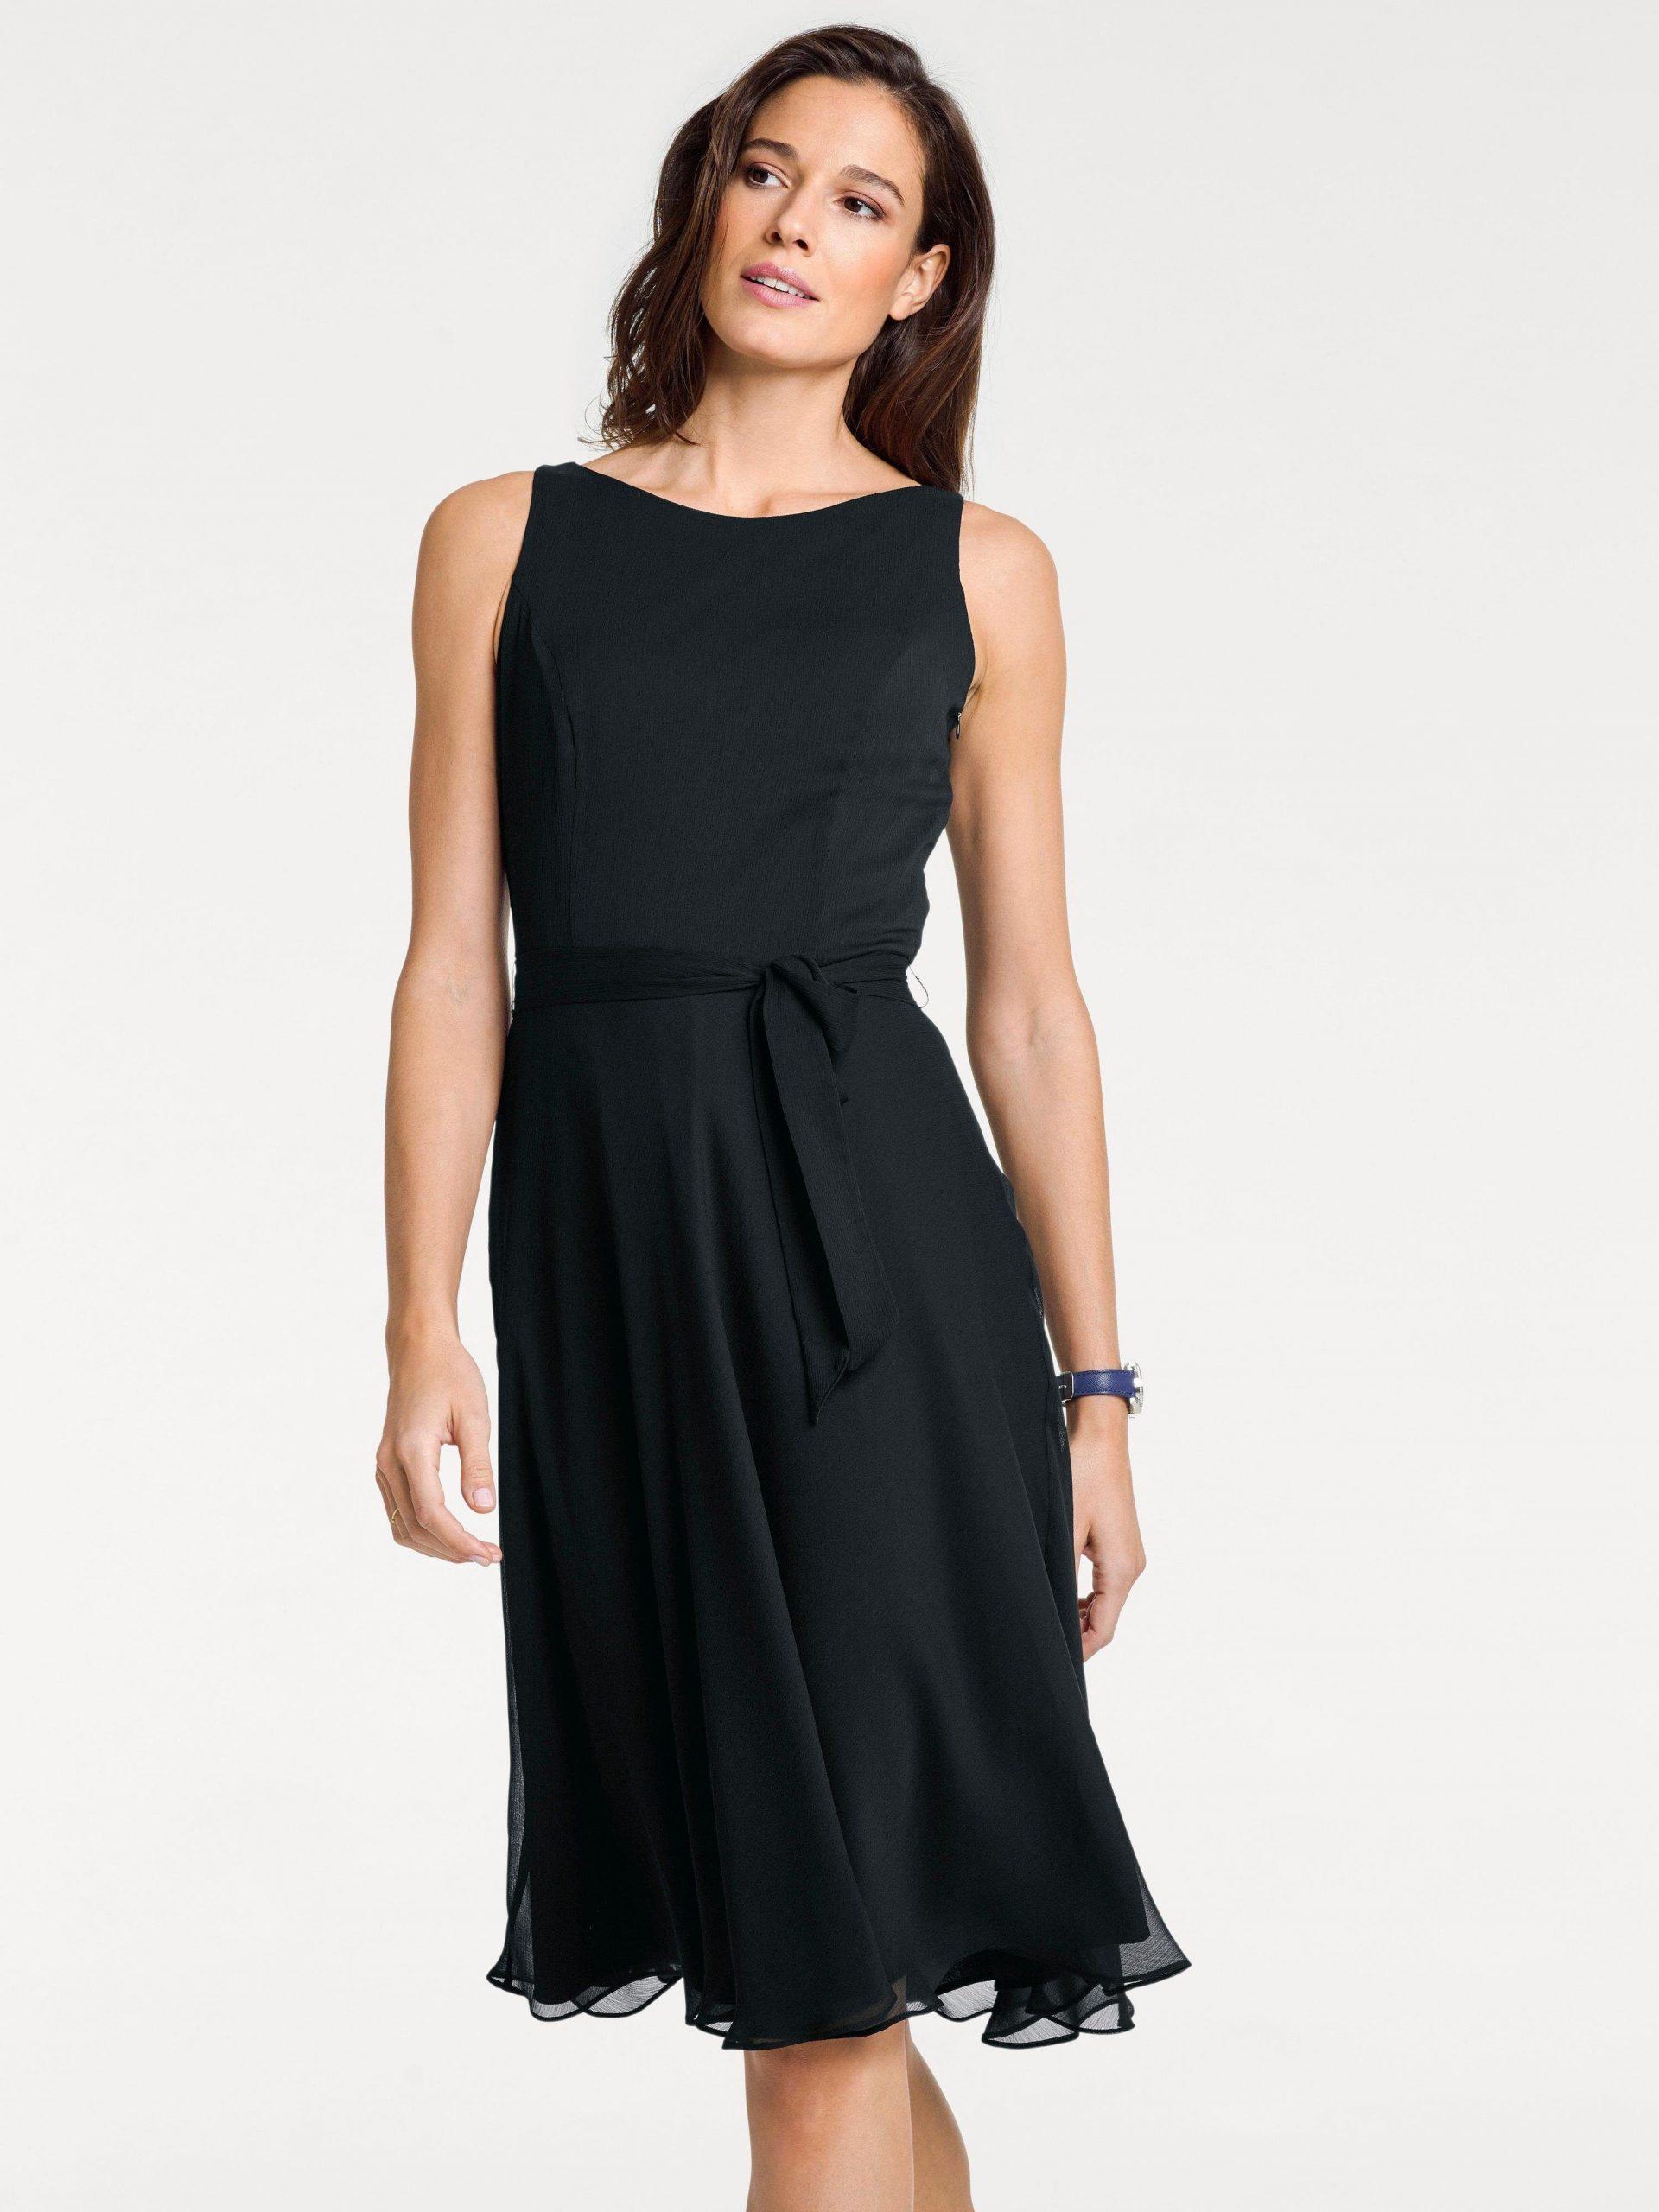 15 Elegant Festliche Kleider A Form Vertrieb Fantastisch Festliche Kleider A Form Design